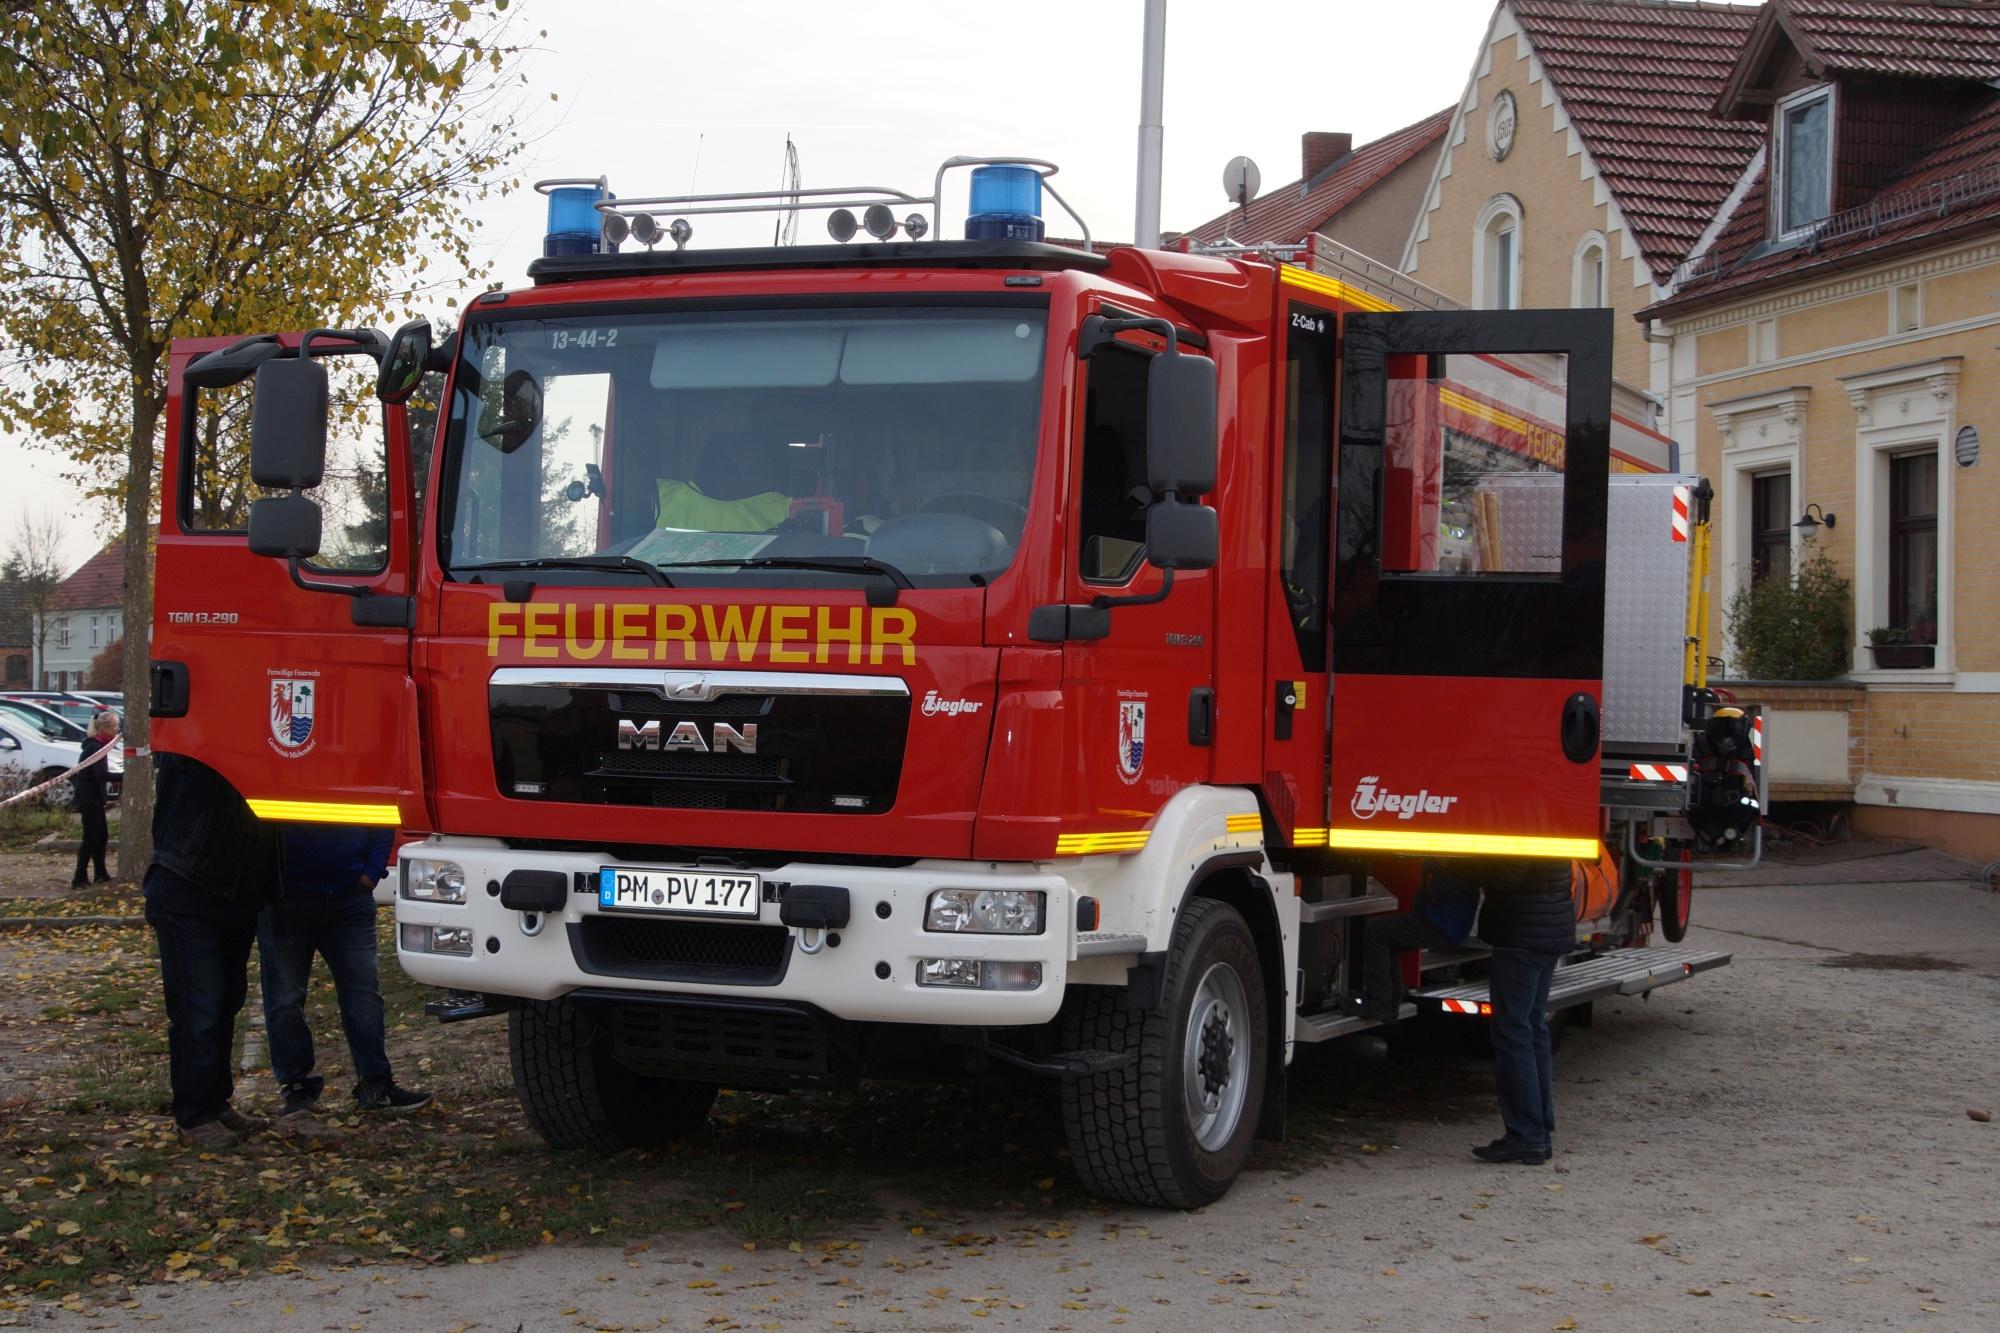 Feuerwehr_Tag_der_offenen_Tür_2018_17